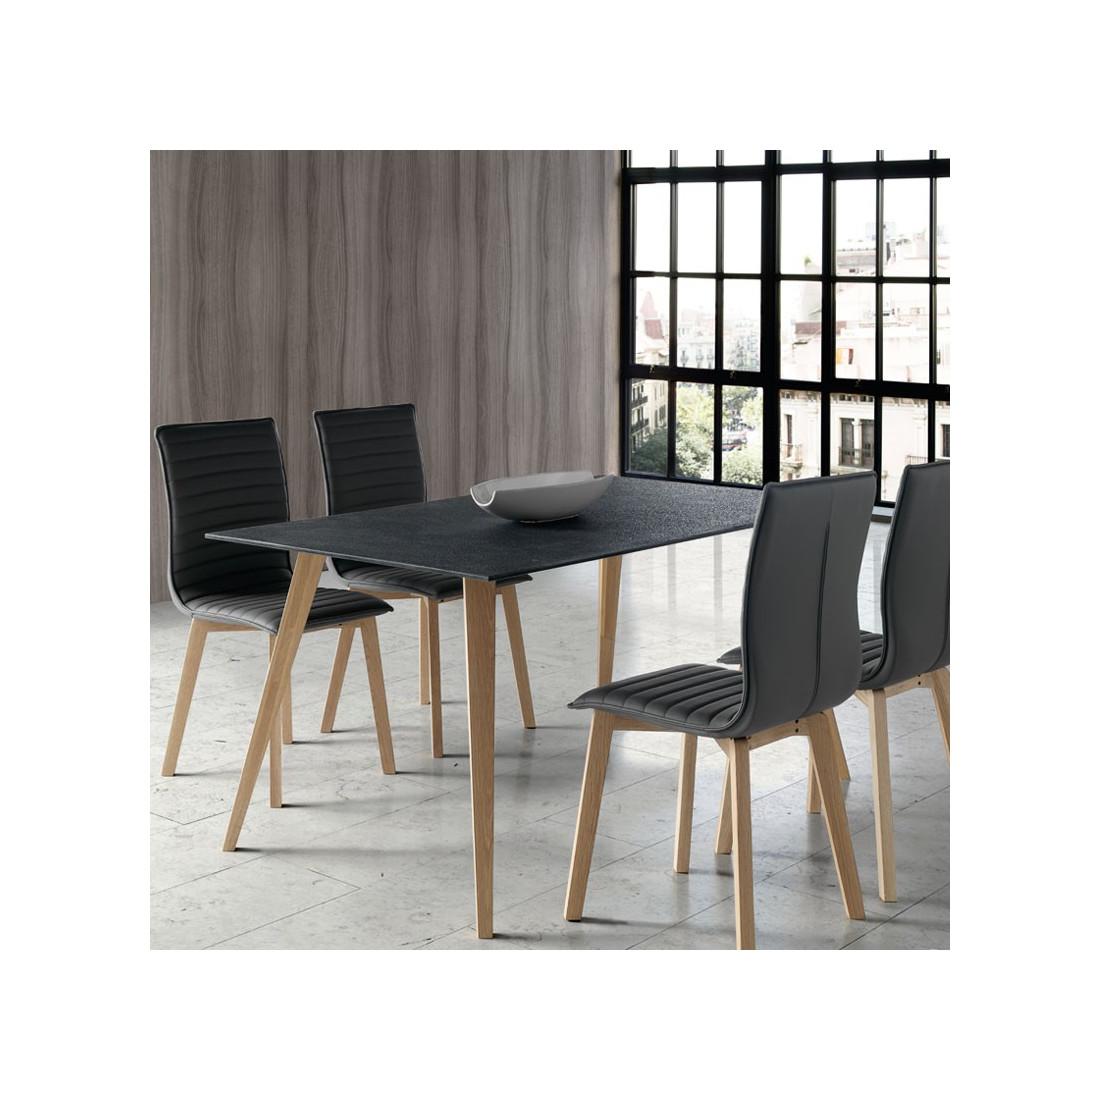 ... Table De Repas Pieds Bois Plateau Verre Imitation Pierre   Univers Salle  à Manger : Tousmesmeubles